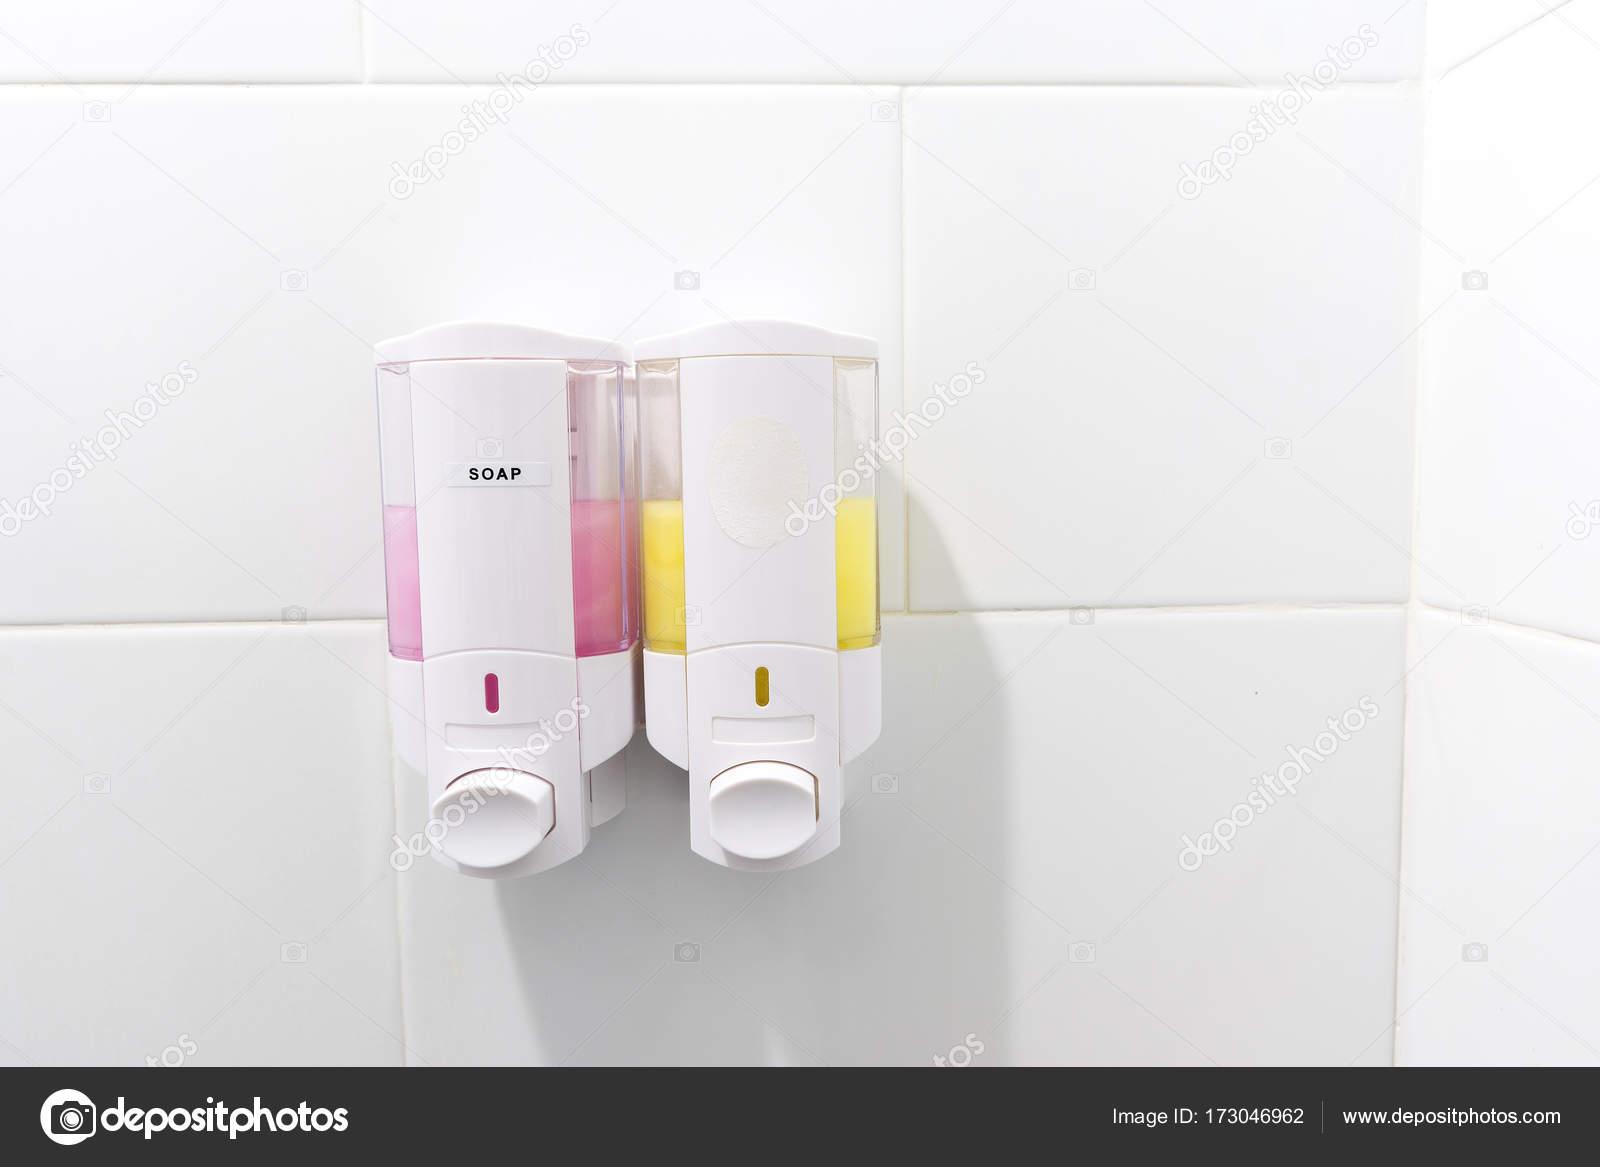 Bomba de ducha montaje pared champú y dispensadores de jabón en el baño–  imagen de stock 57e96c7bab45